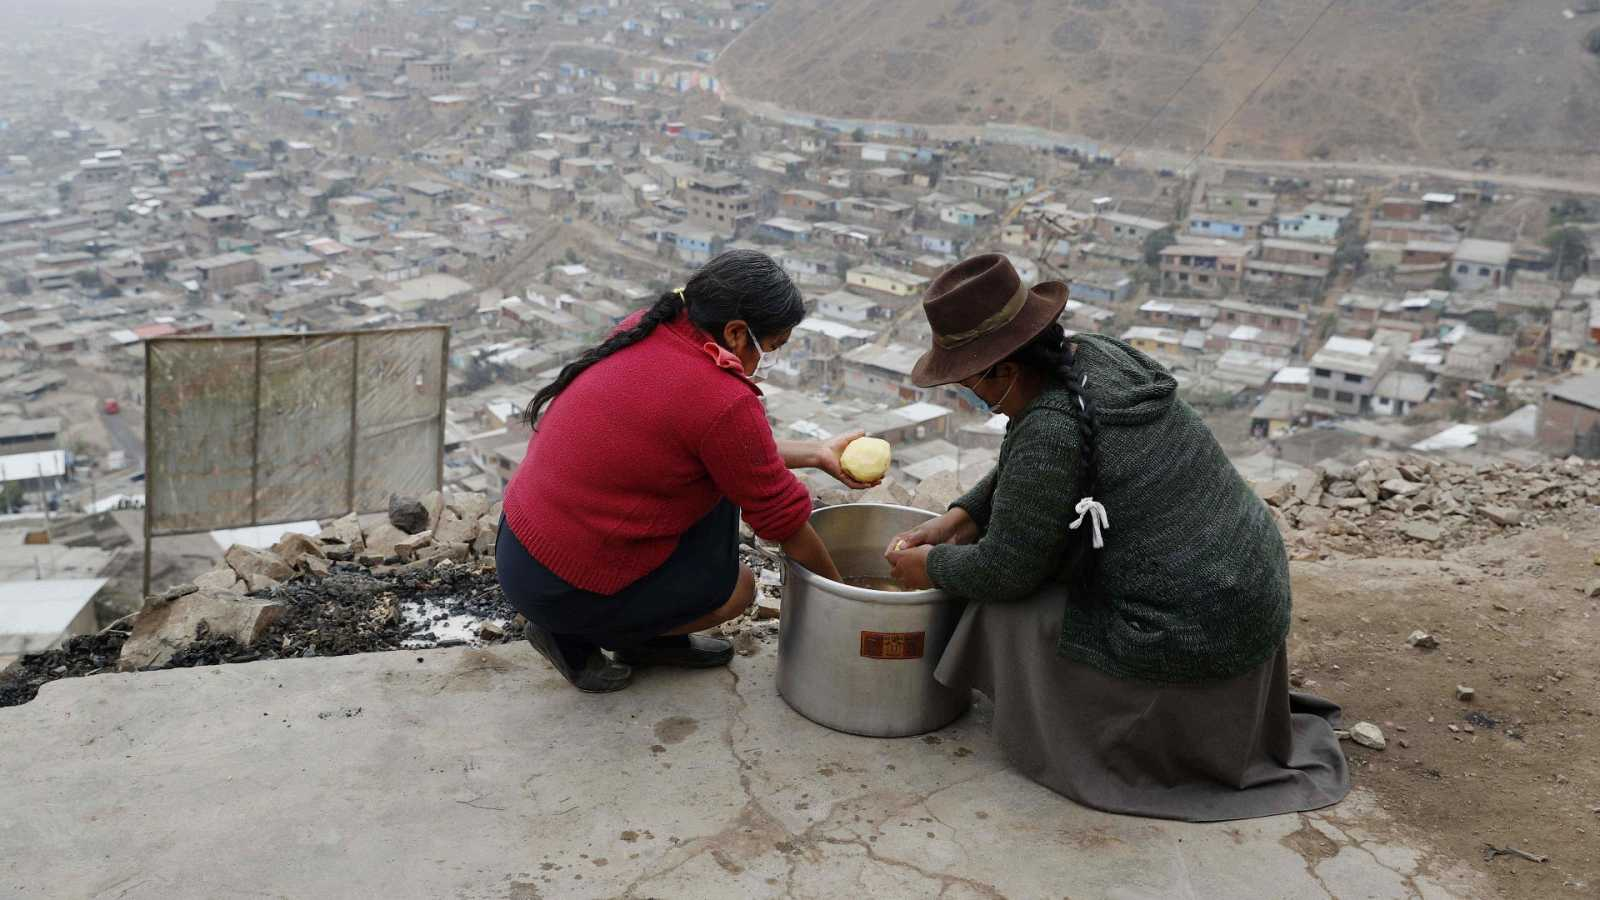 Reportajes 5 Continentes - Las ollas comunes contra el hambre en Perú - Escuchar ahora